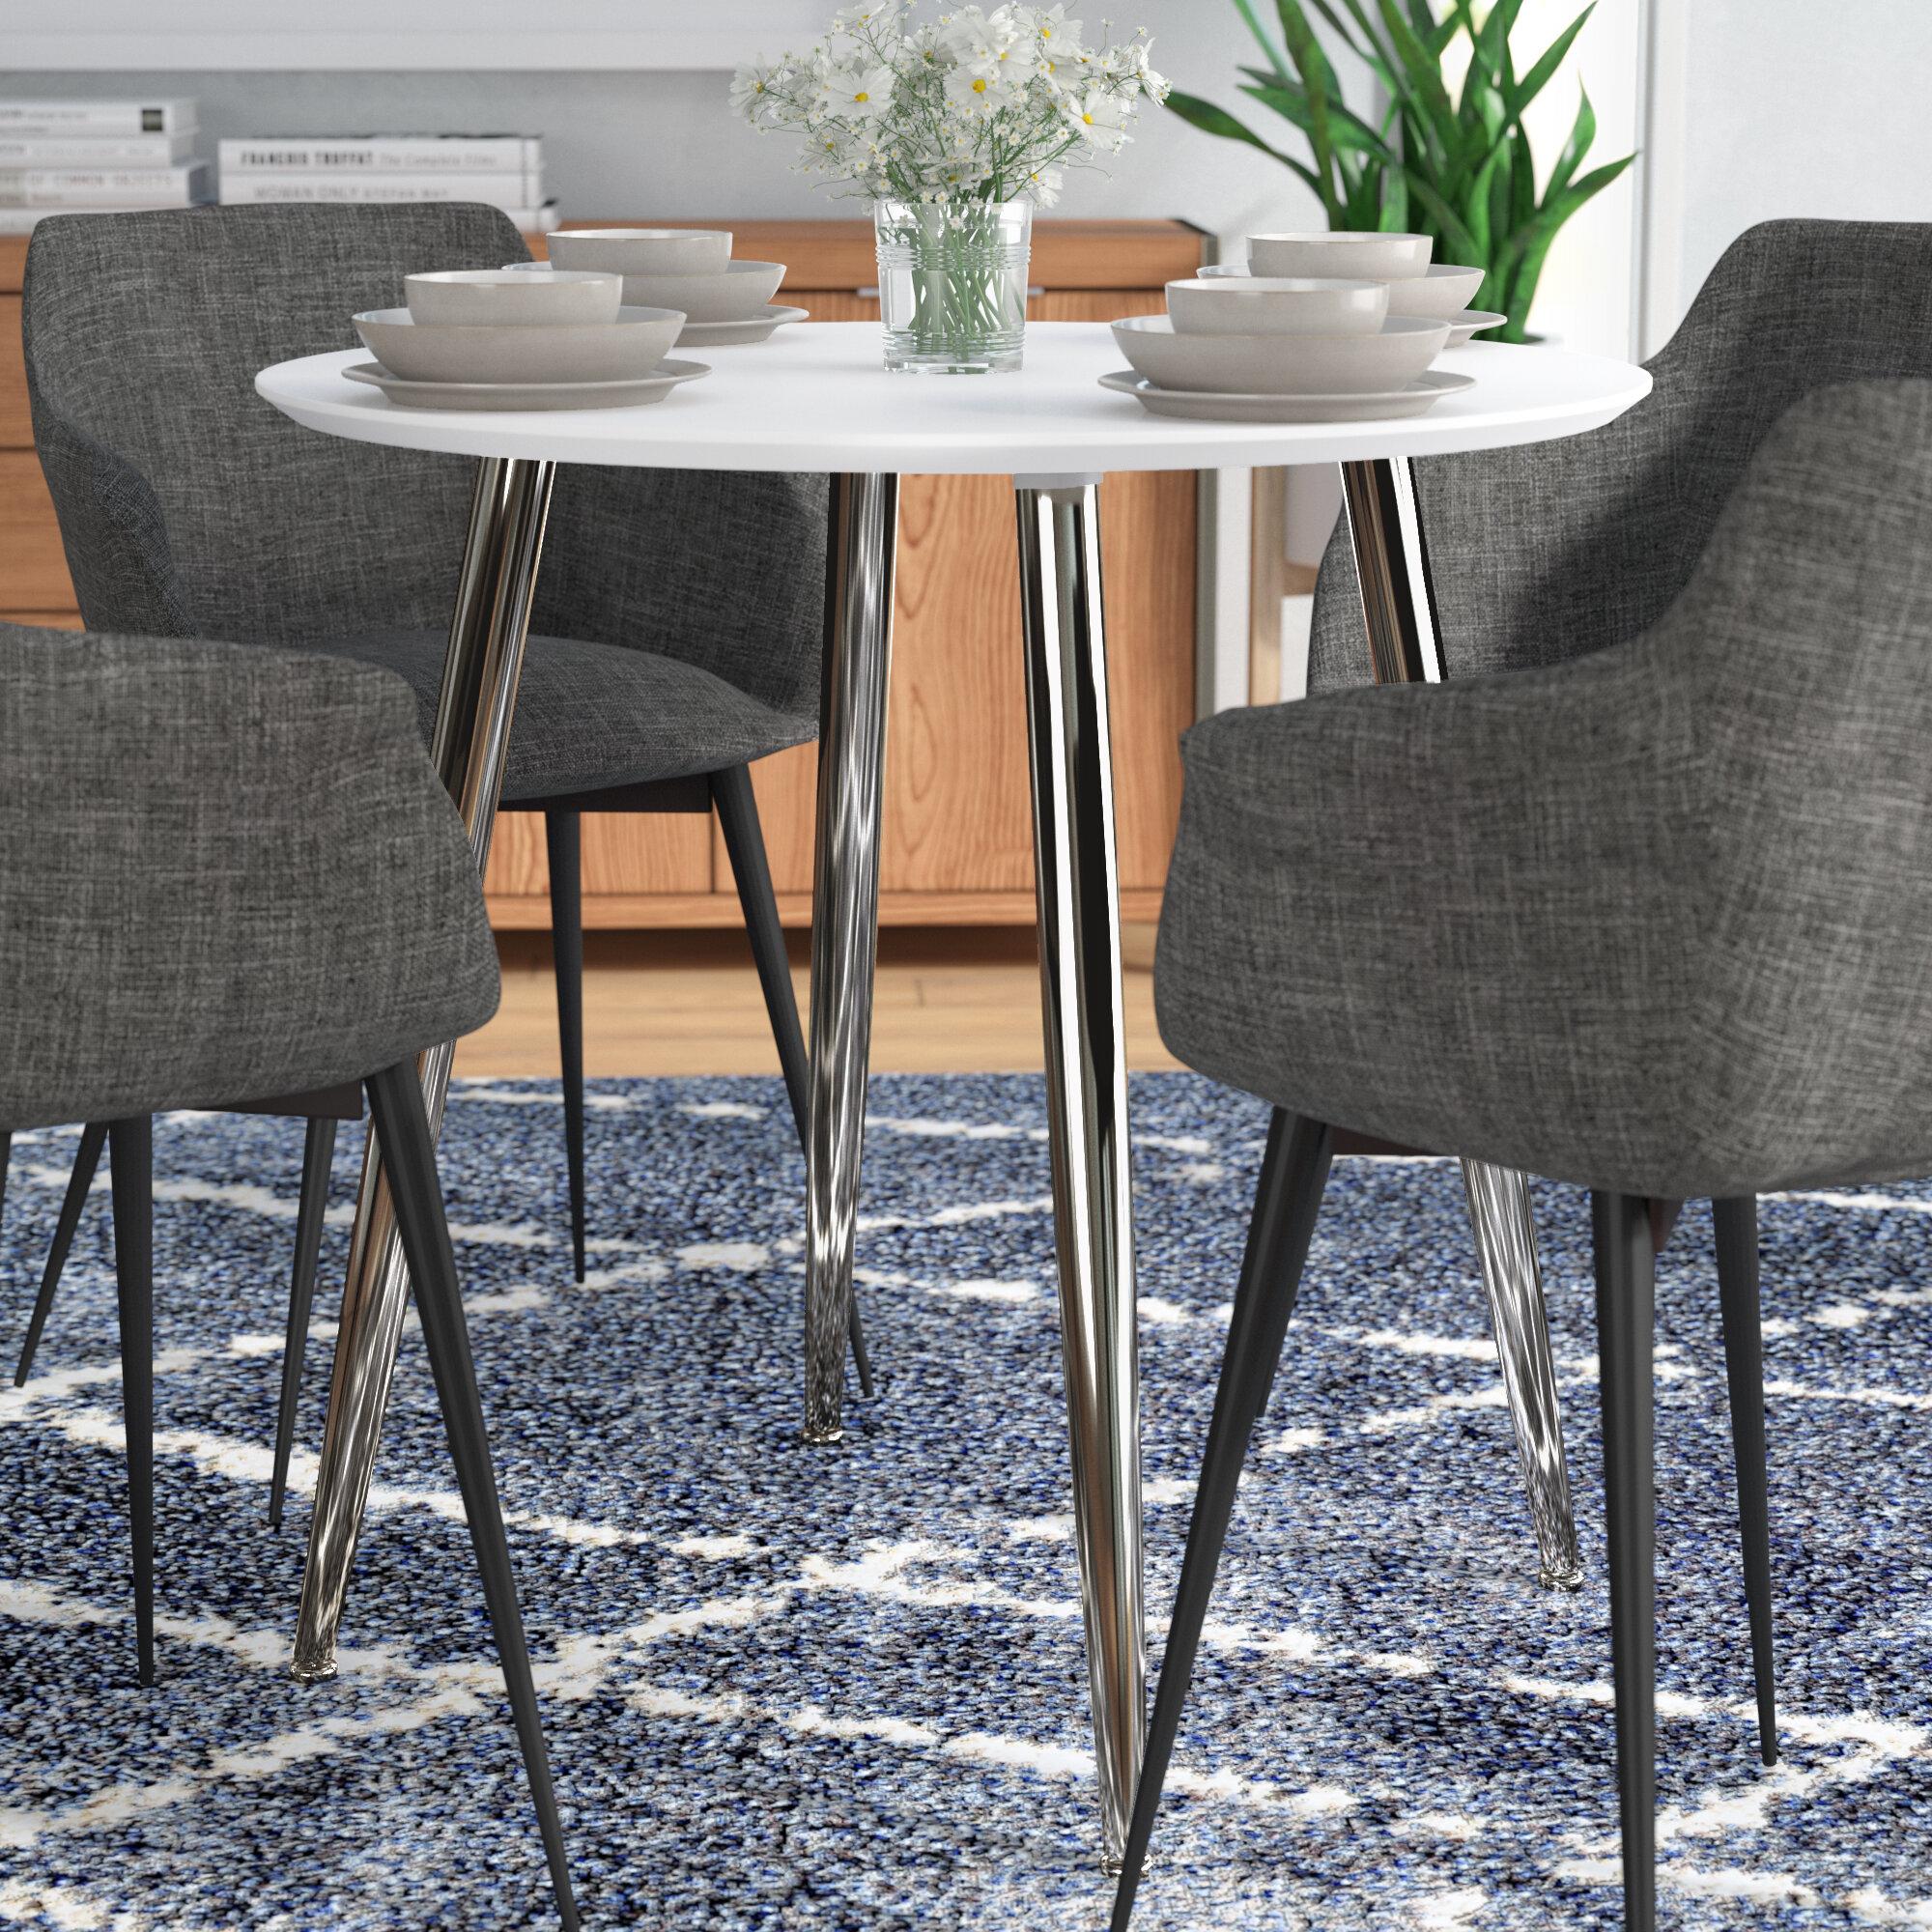 Ordinaire Orren Ellis Miskell Multifunctional Round Dining Table U0026 Reviews | Wayfair